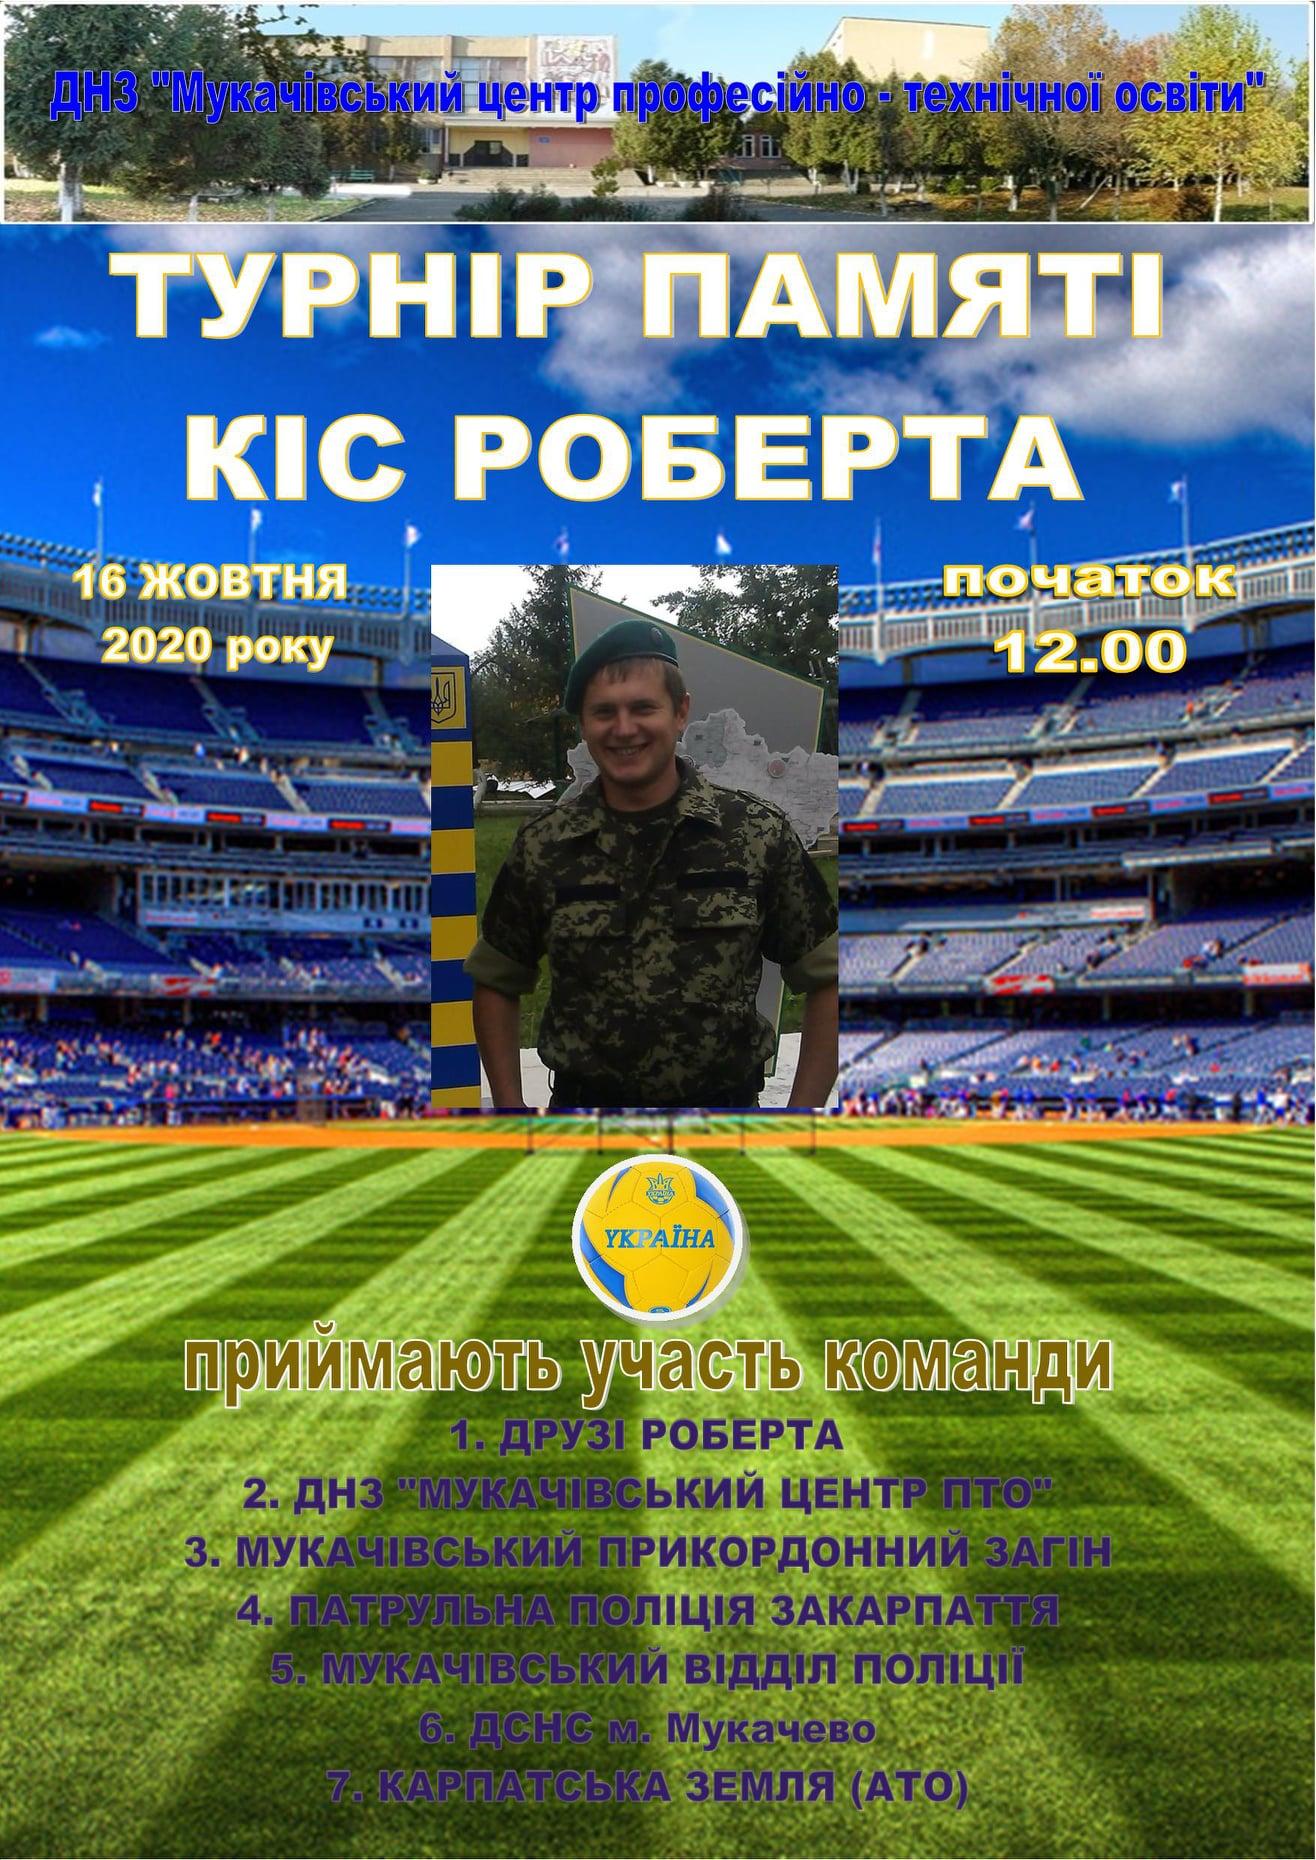 VI- Кубок з футболу пам'яті героя АТО Кіс Роберта відбудеться 16.10.2020 року.